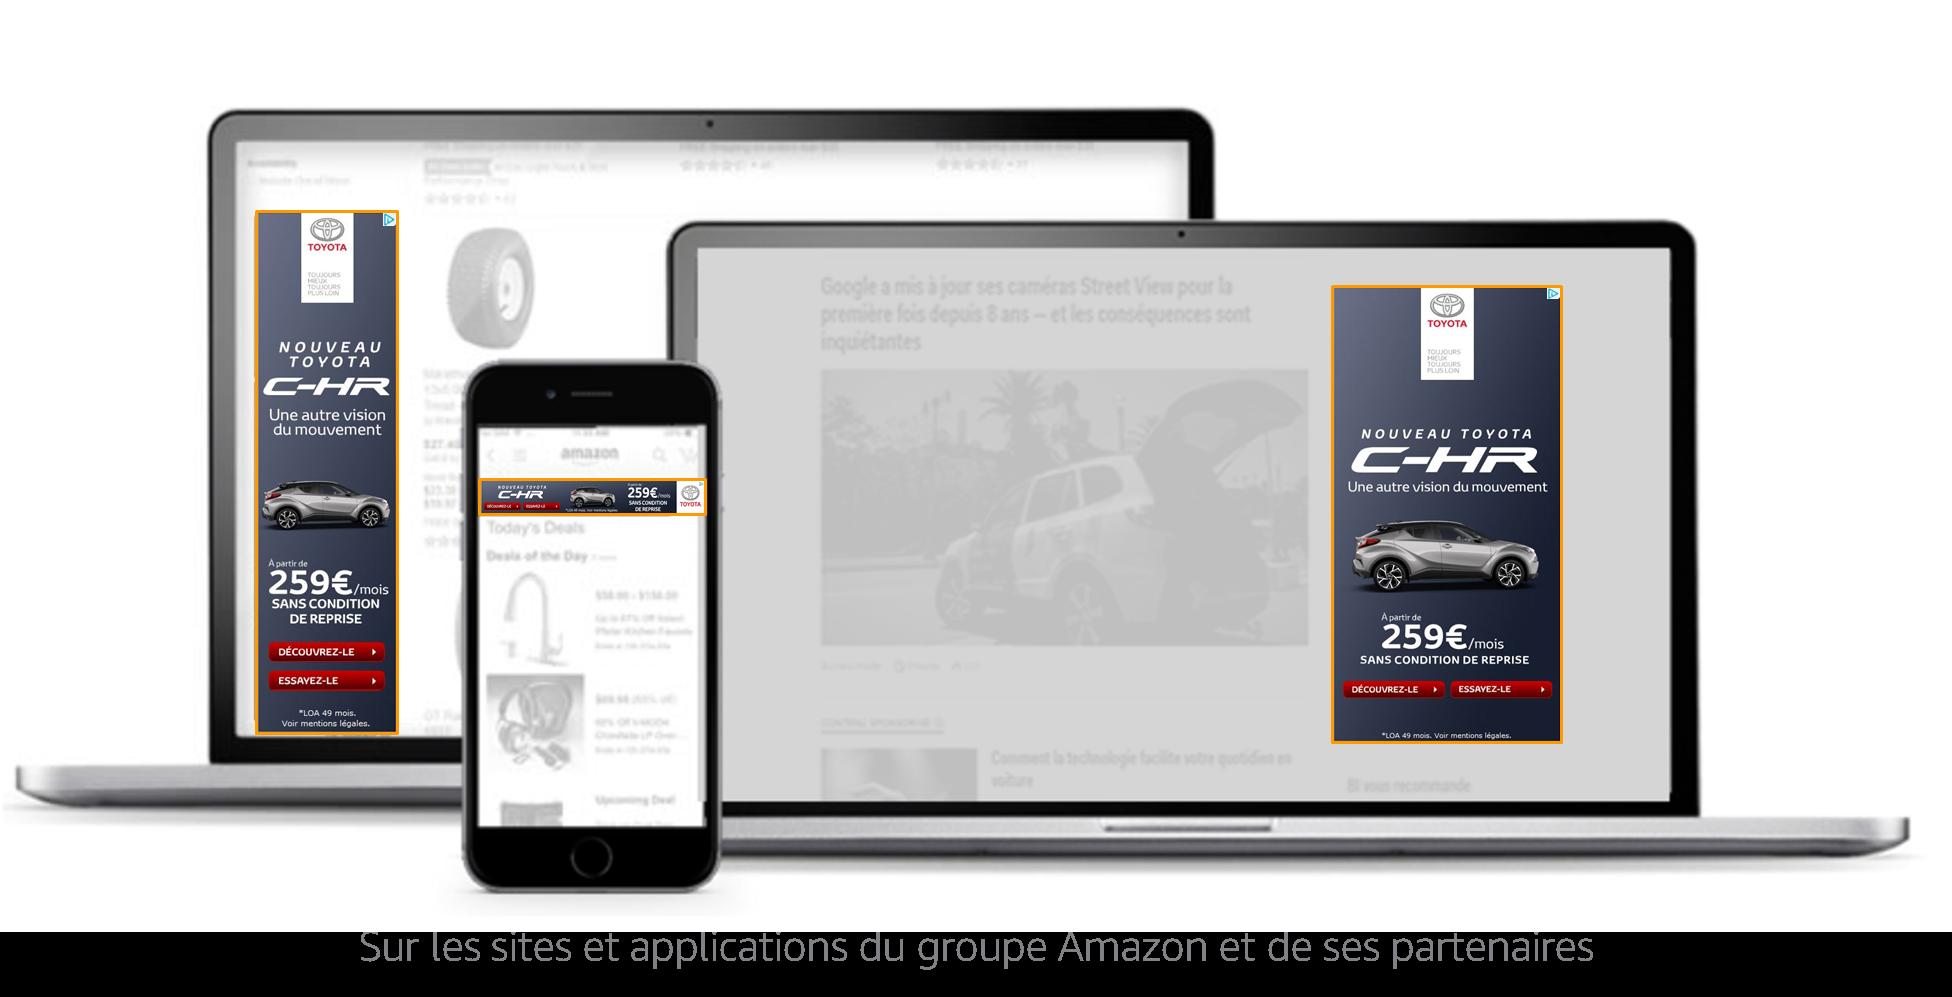 Sur les sites et applications du groupe Amazon et de ses partenaires